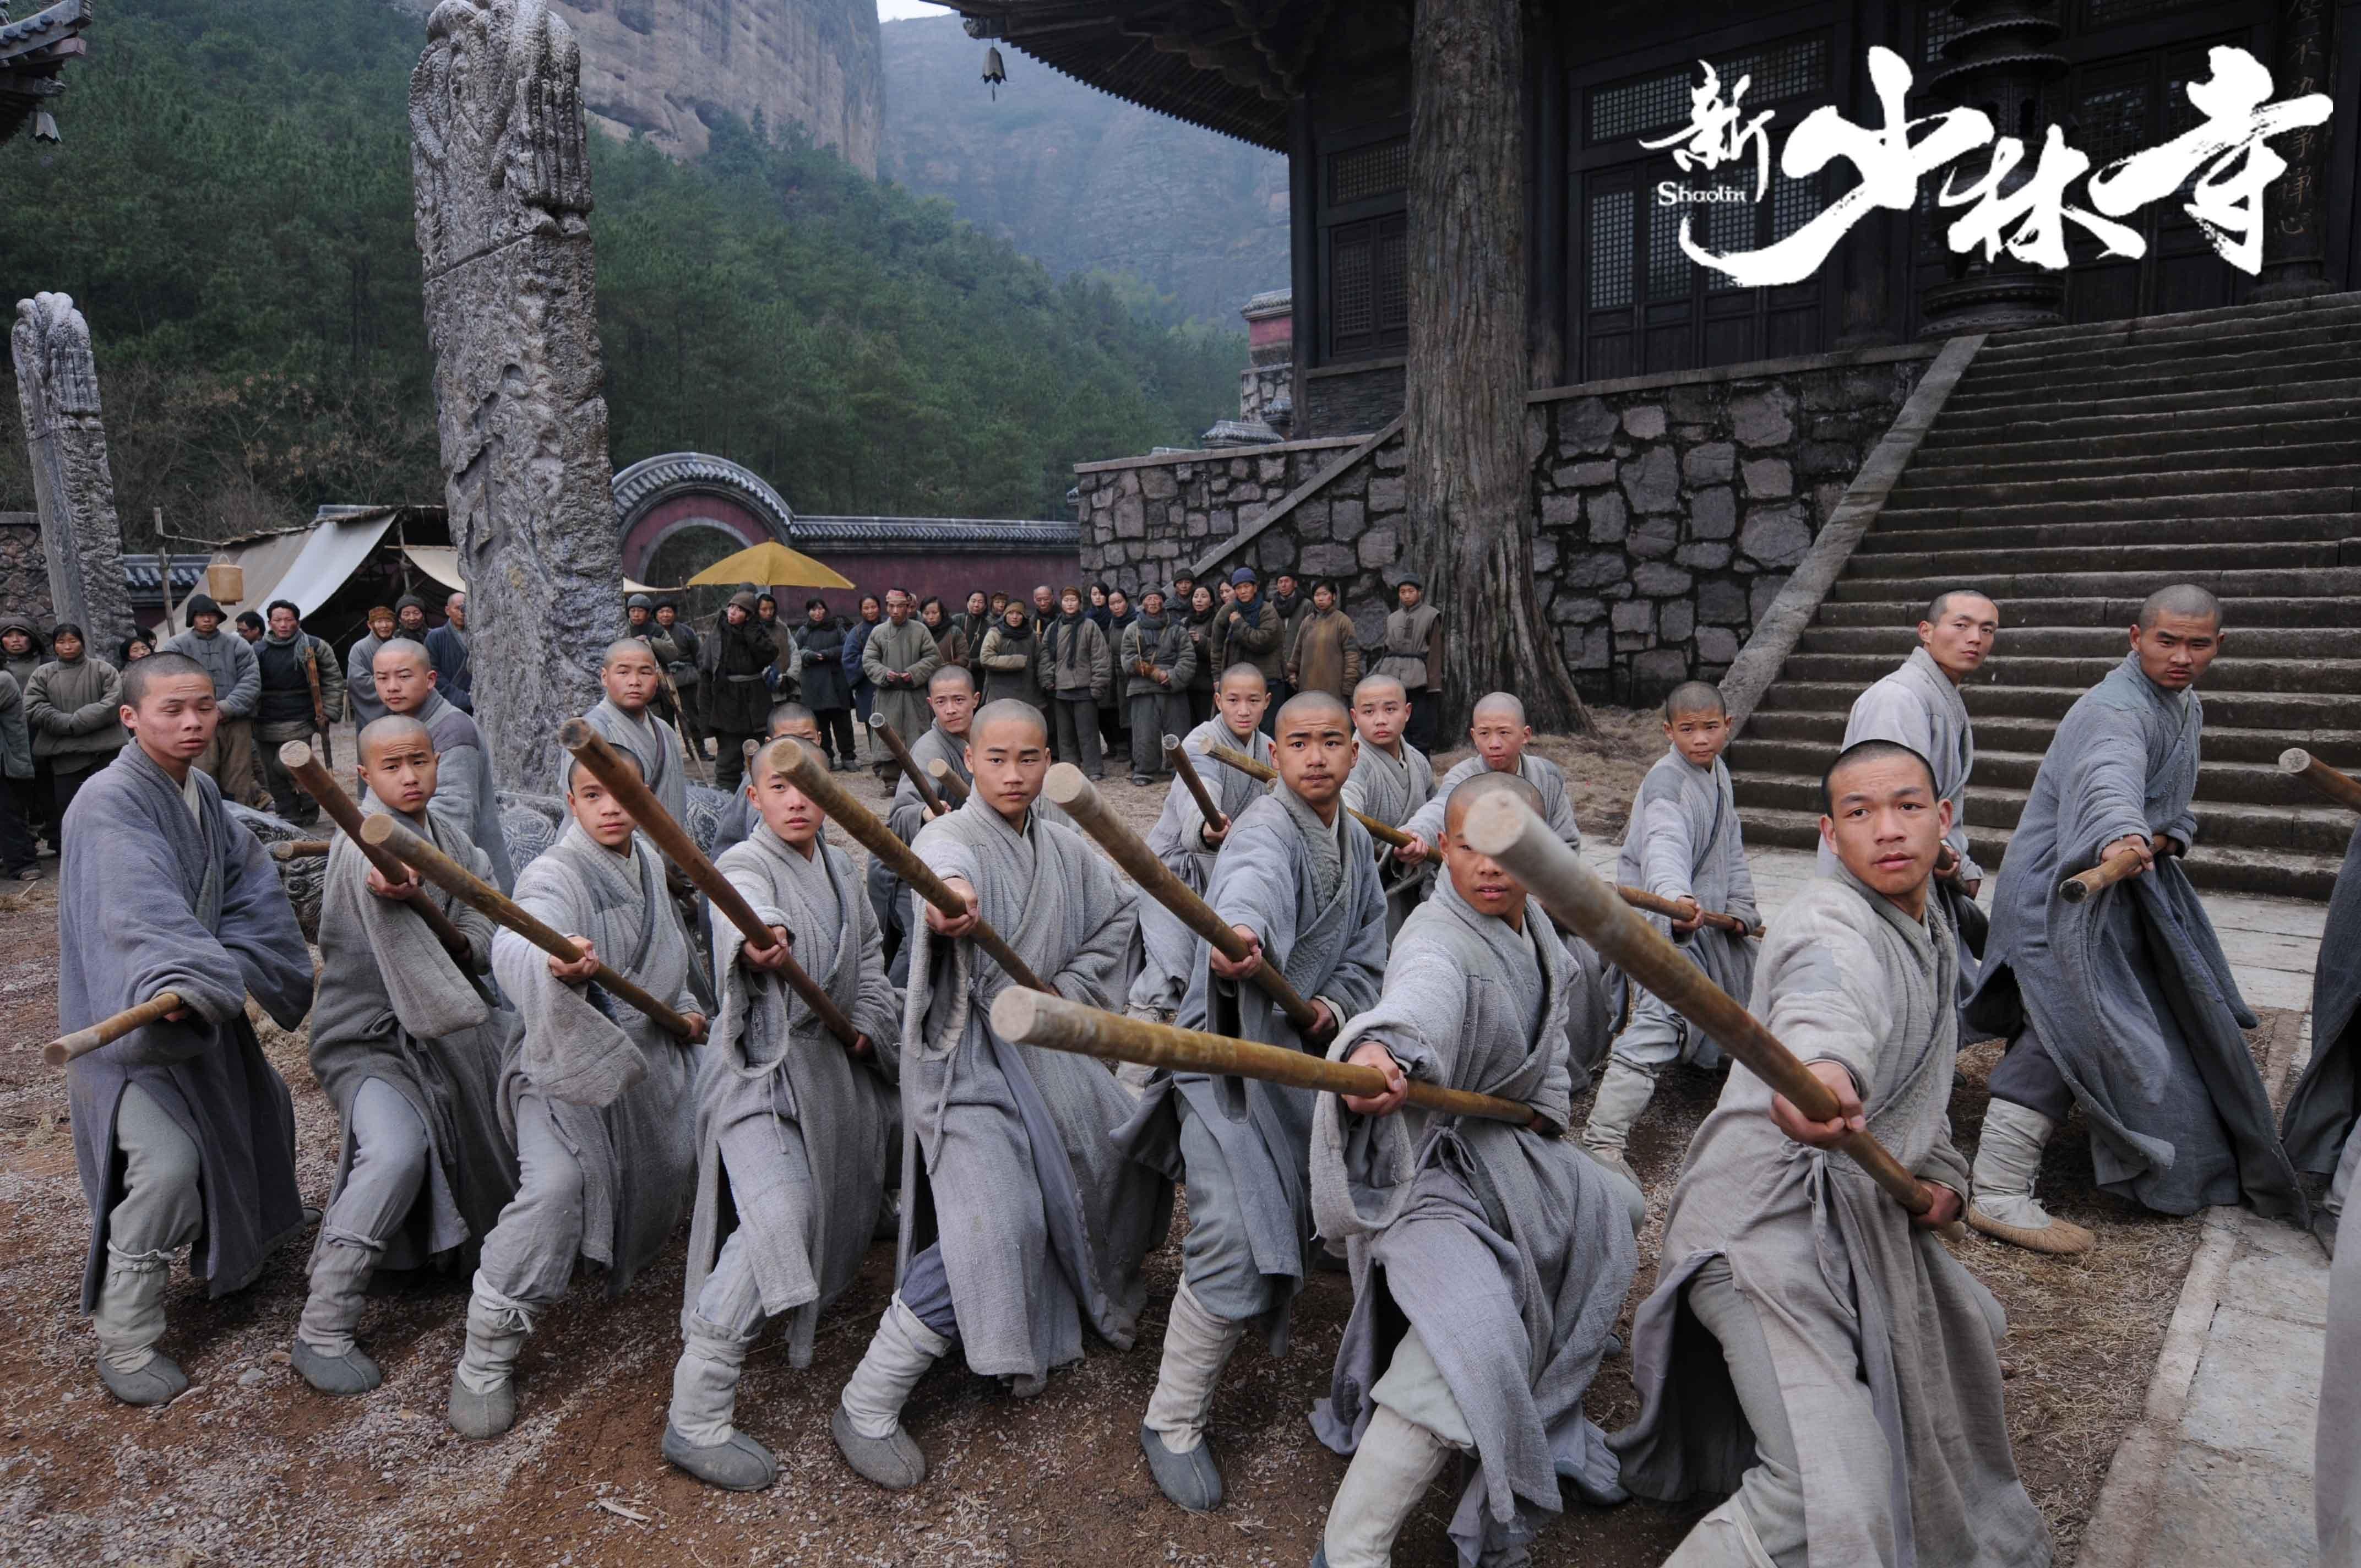 刘德华新少林寺歌曲_新少林寺(Shaolin) - 电影图片 | 电影剧照 | 高清海报 - VeryCD电驴大全